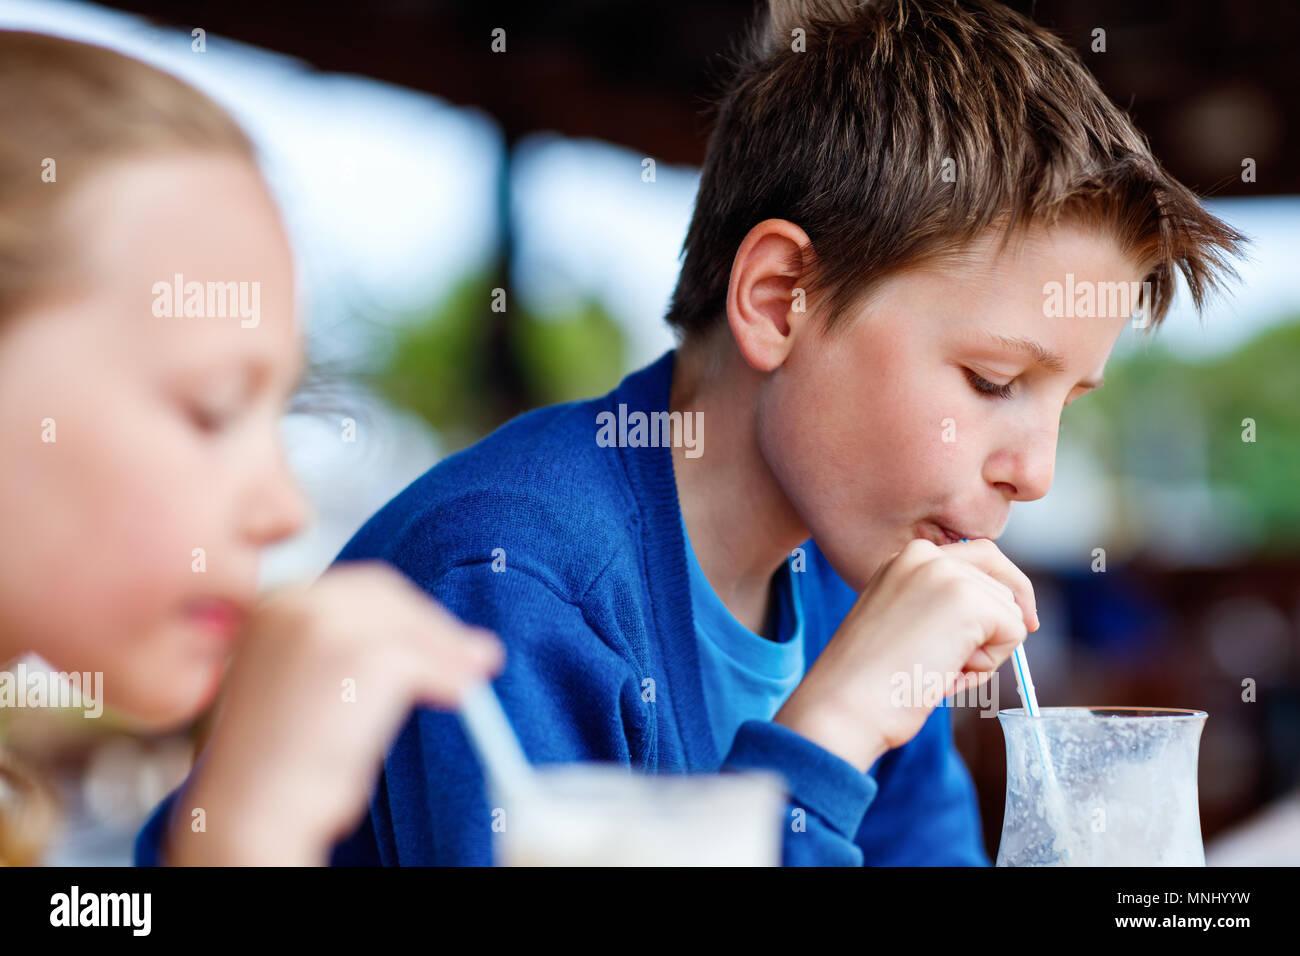 Los niños hermano y hermana de beber batidos en la cafetería al aire libre Imagen De Stock